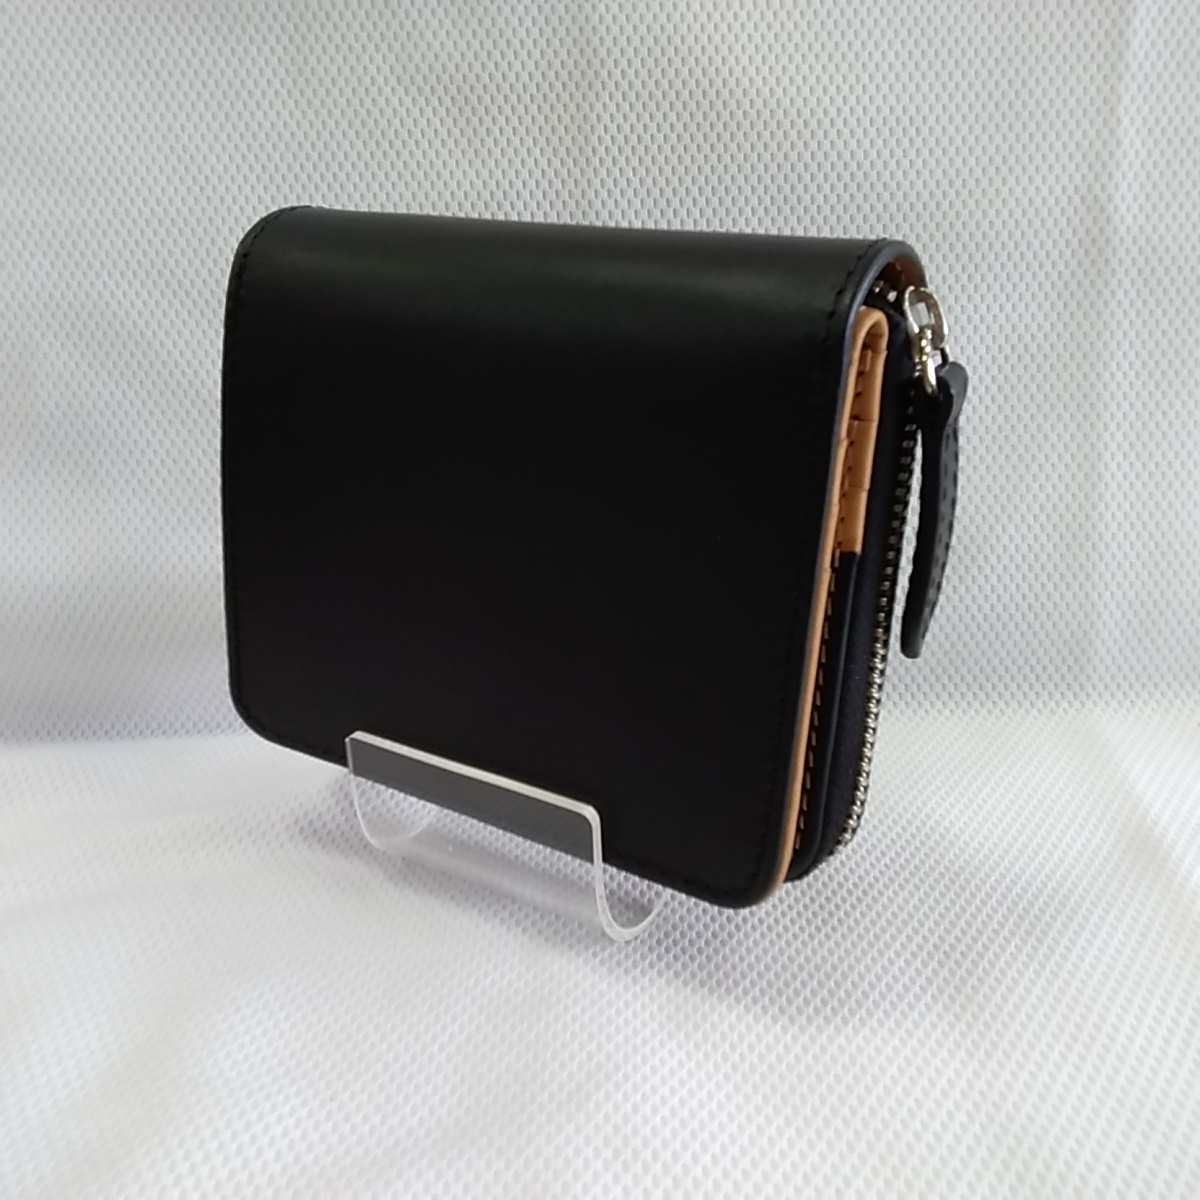 レザー二つ折り財布|PELLE CONCIATA AL VEGETALE IN